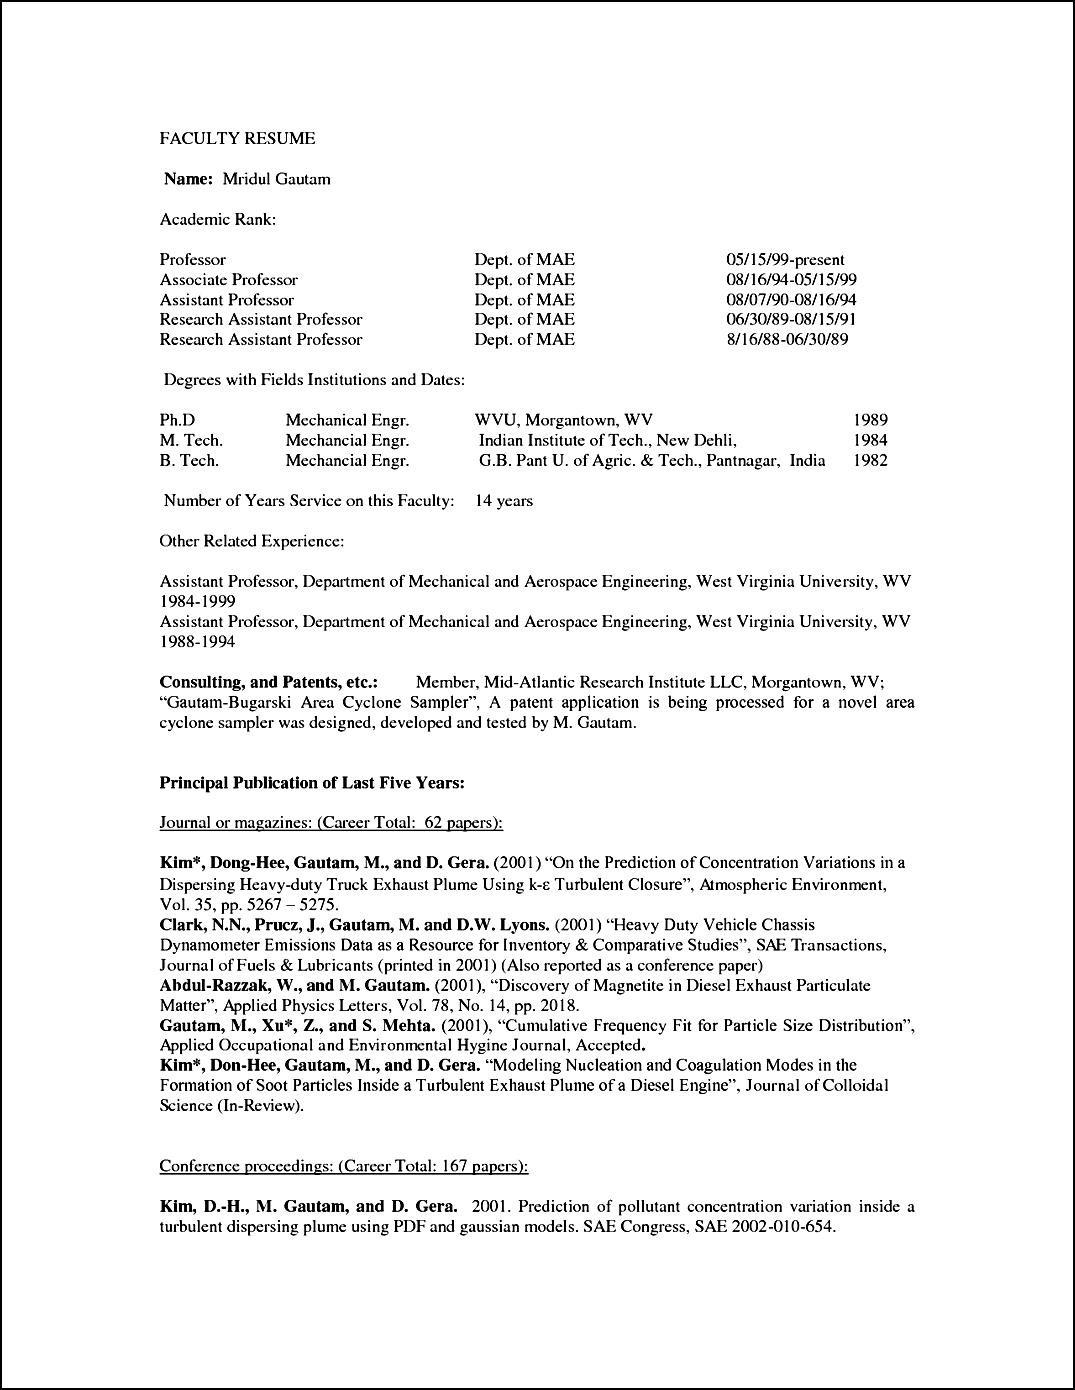 Curriculum Vitae Format For Professor Free Samples